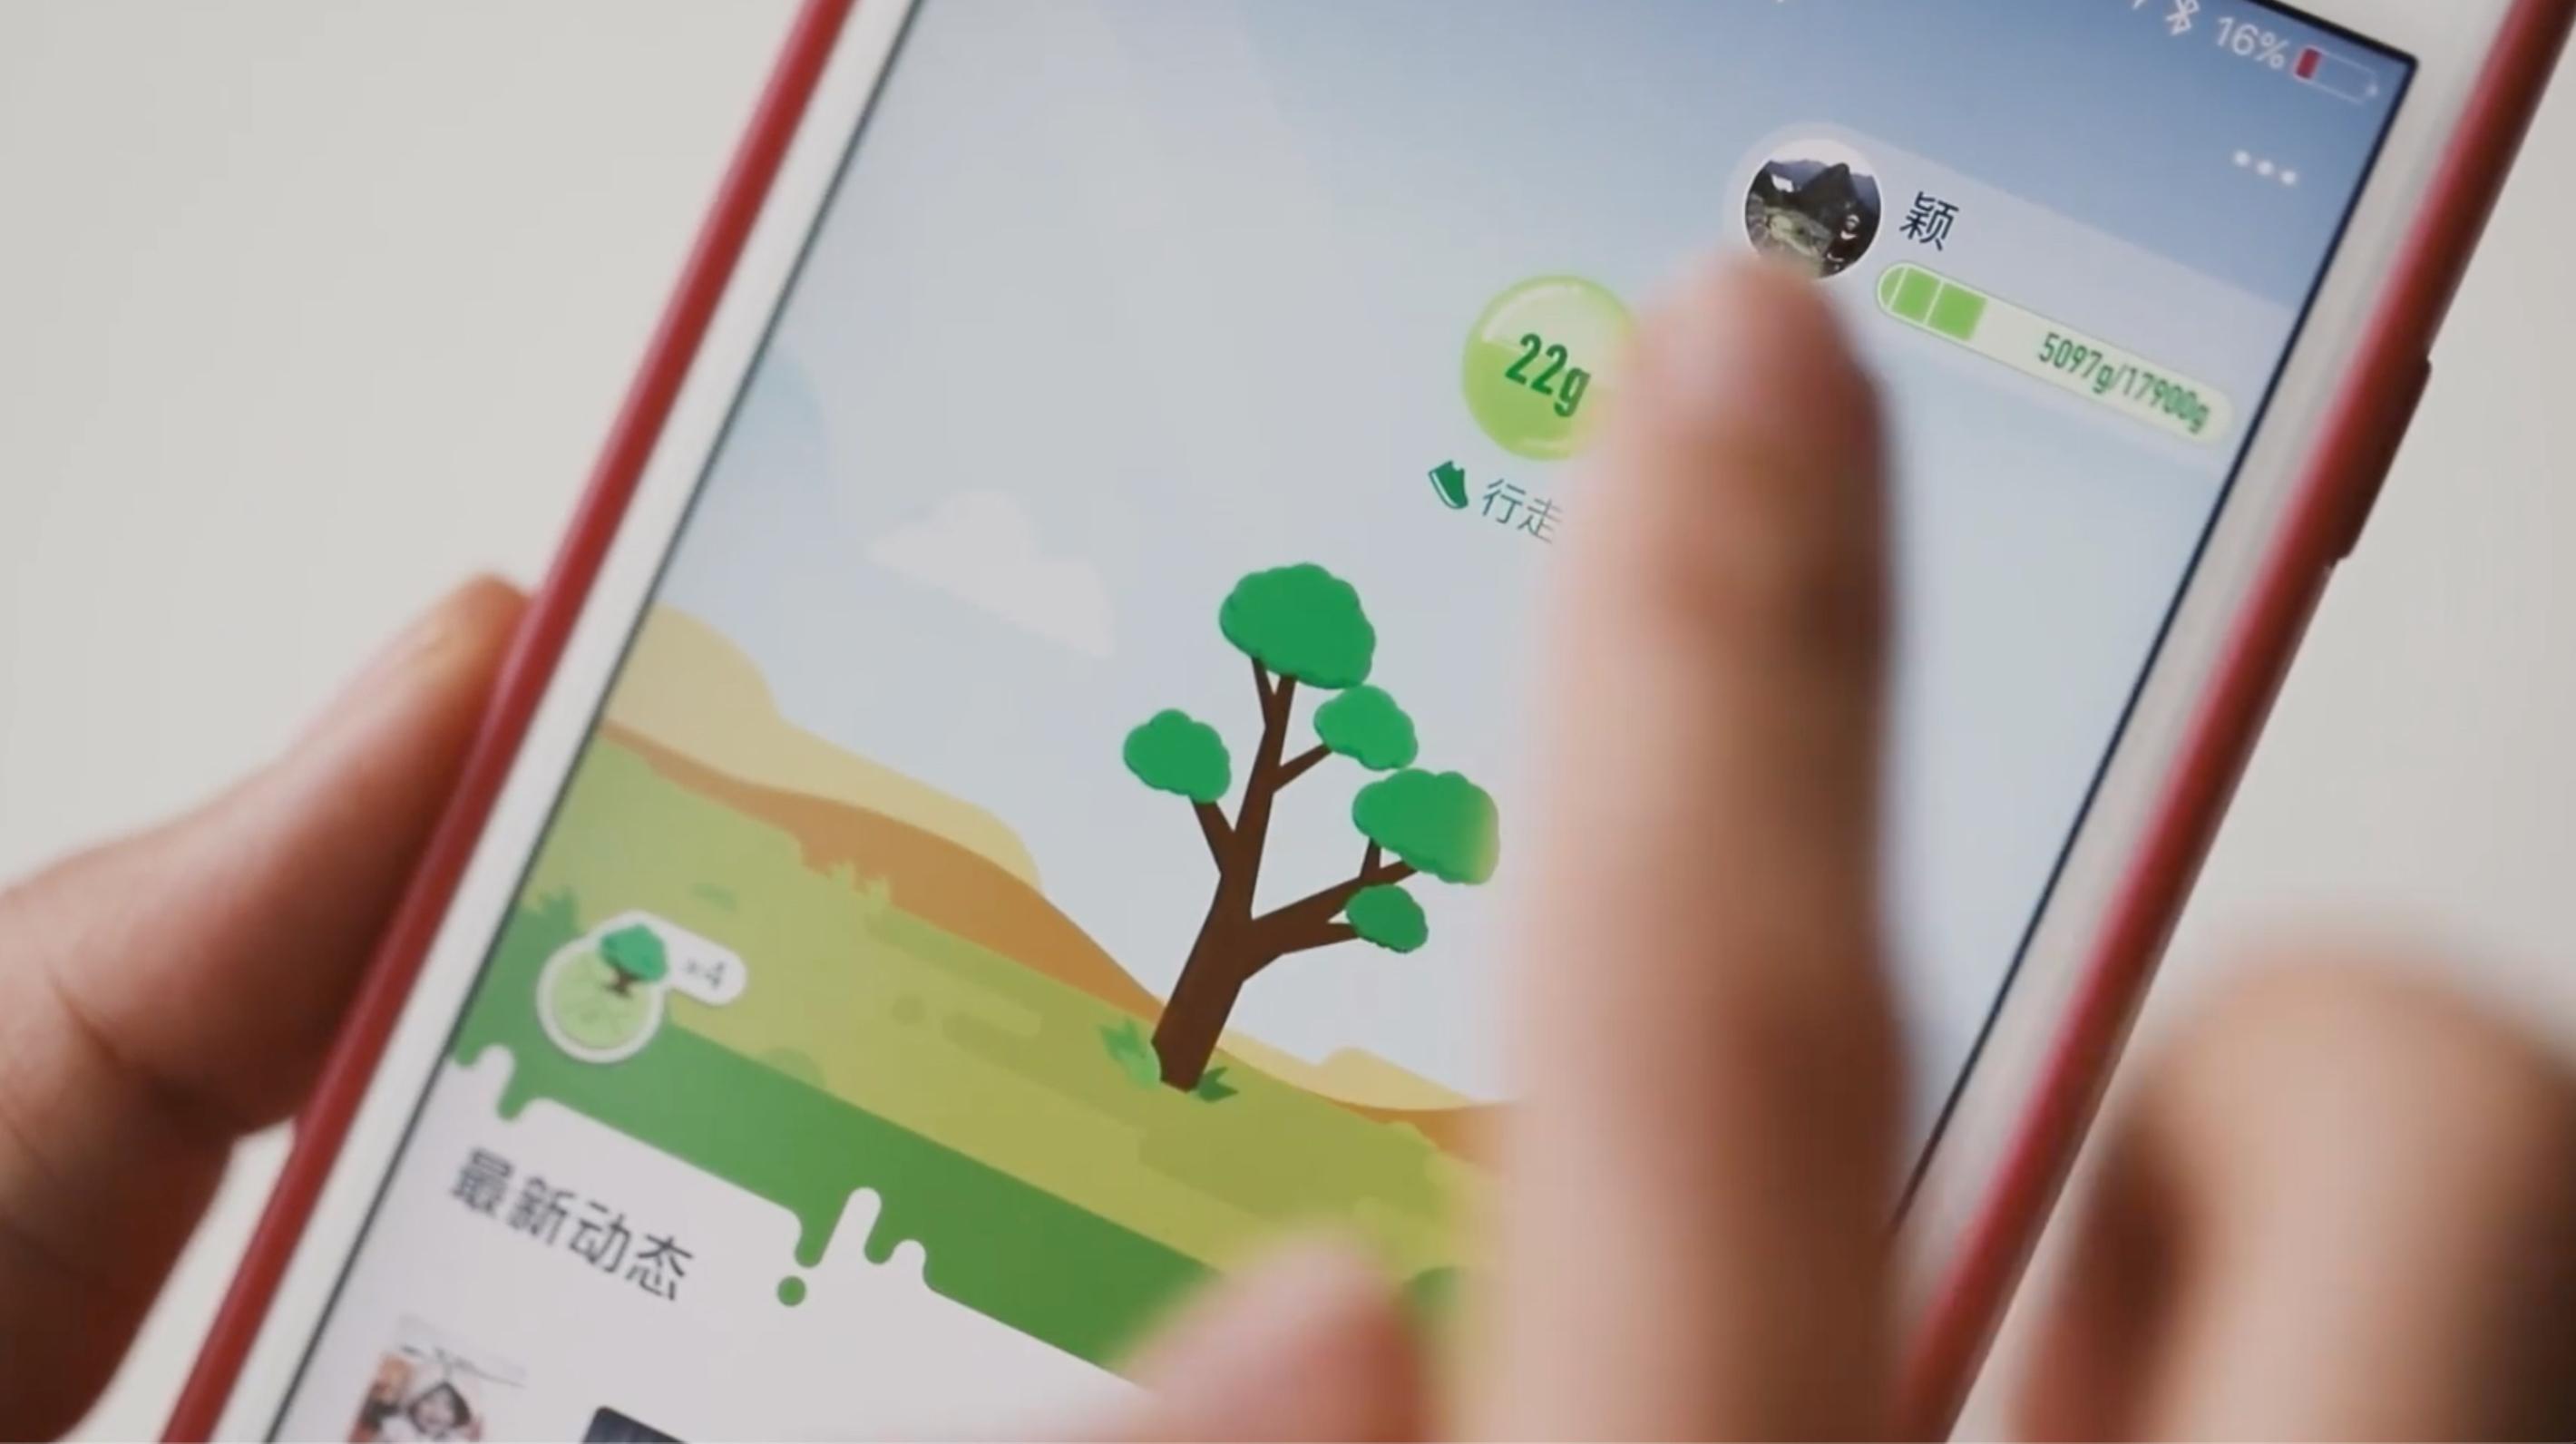 支付寶引入的螞蟻森林,鼓勵用戶進行減碳活動,累積虛擬的綠色能量,達到一定積分後,可以在現實中植樹,保護環境。